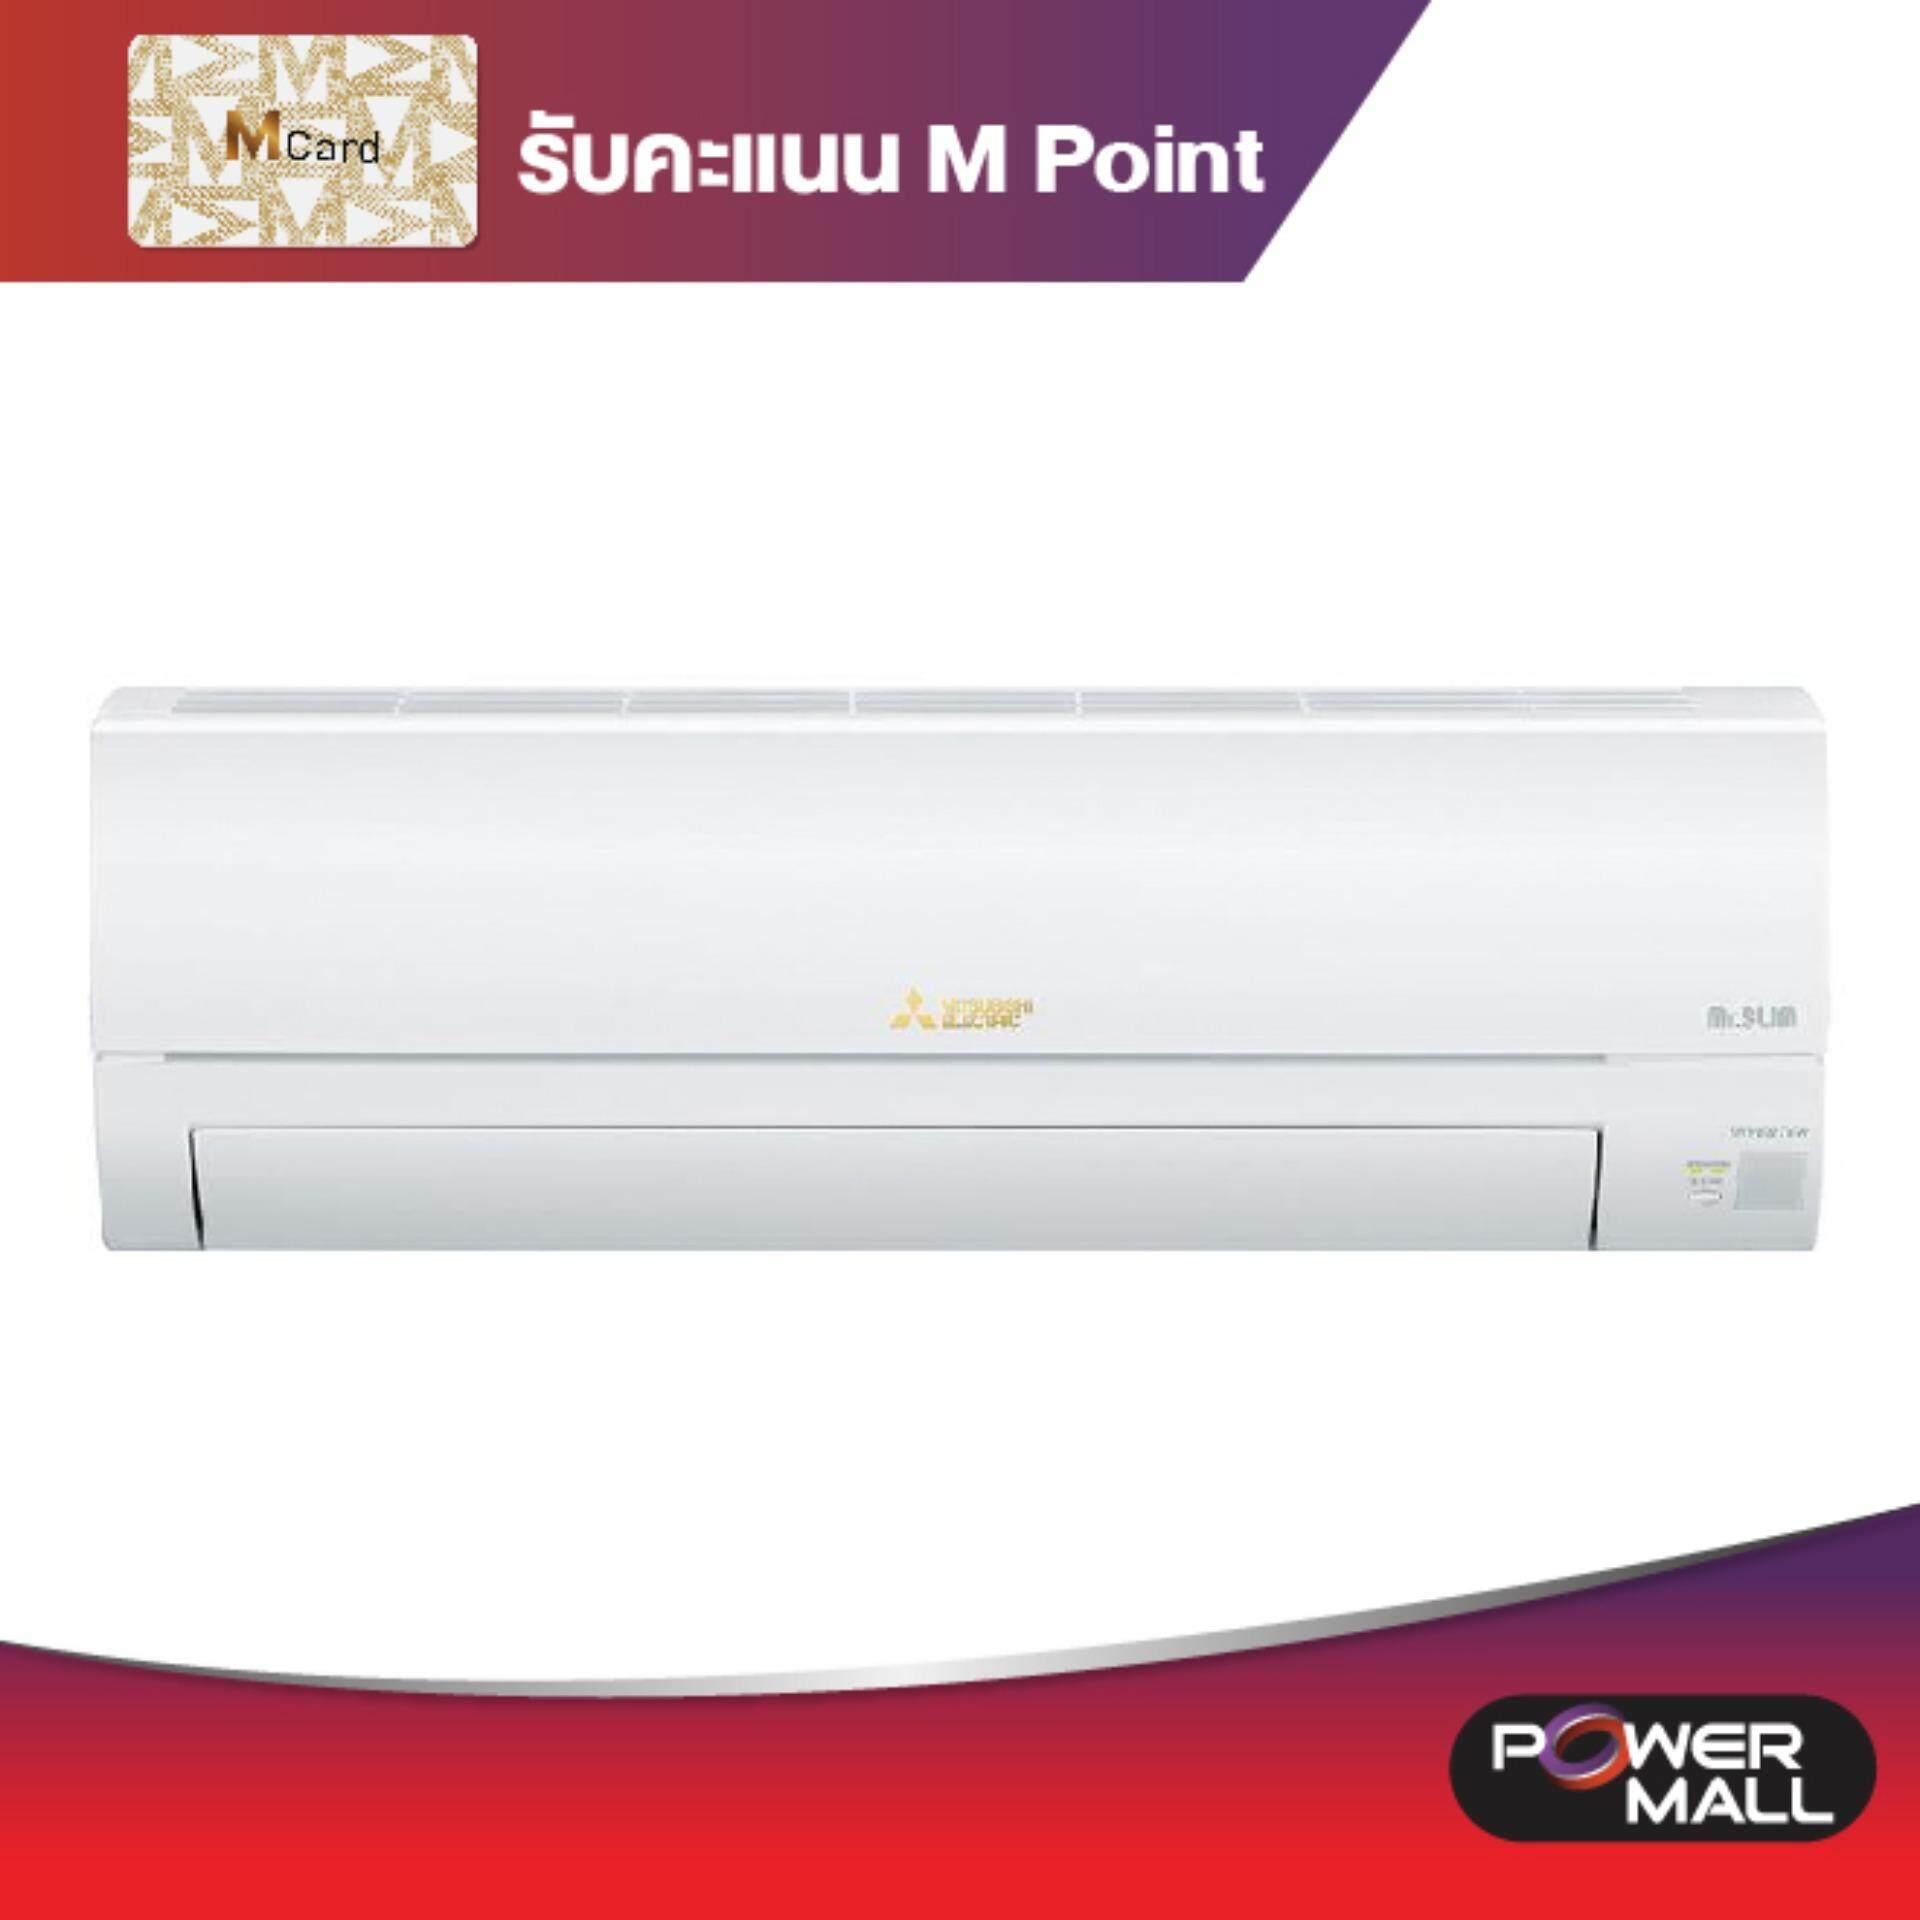 นครนายก MITSUBISHI  เครื่องปรับอากาศ   อินเวอเตอร์  14 430 บีทียู รุ่น MSY-JP15VF   สีขาว (MITSUBISHI Air conditional   Inverter   14 430 BTU  MSY-JP15VF   White Color)